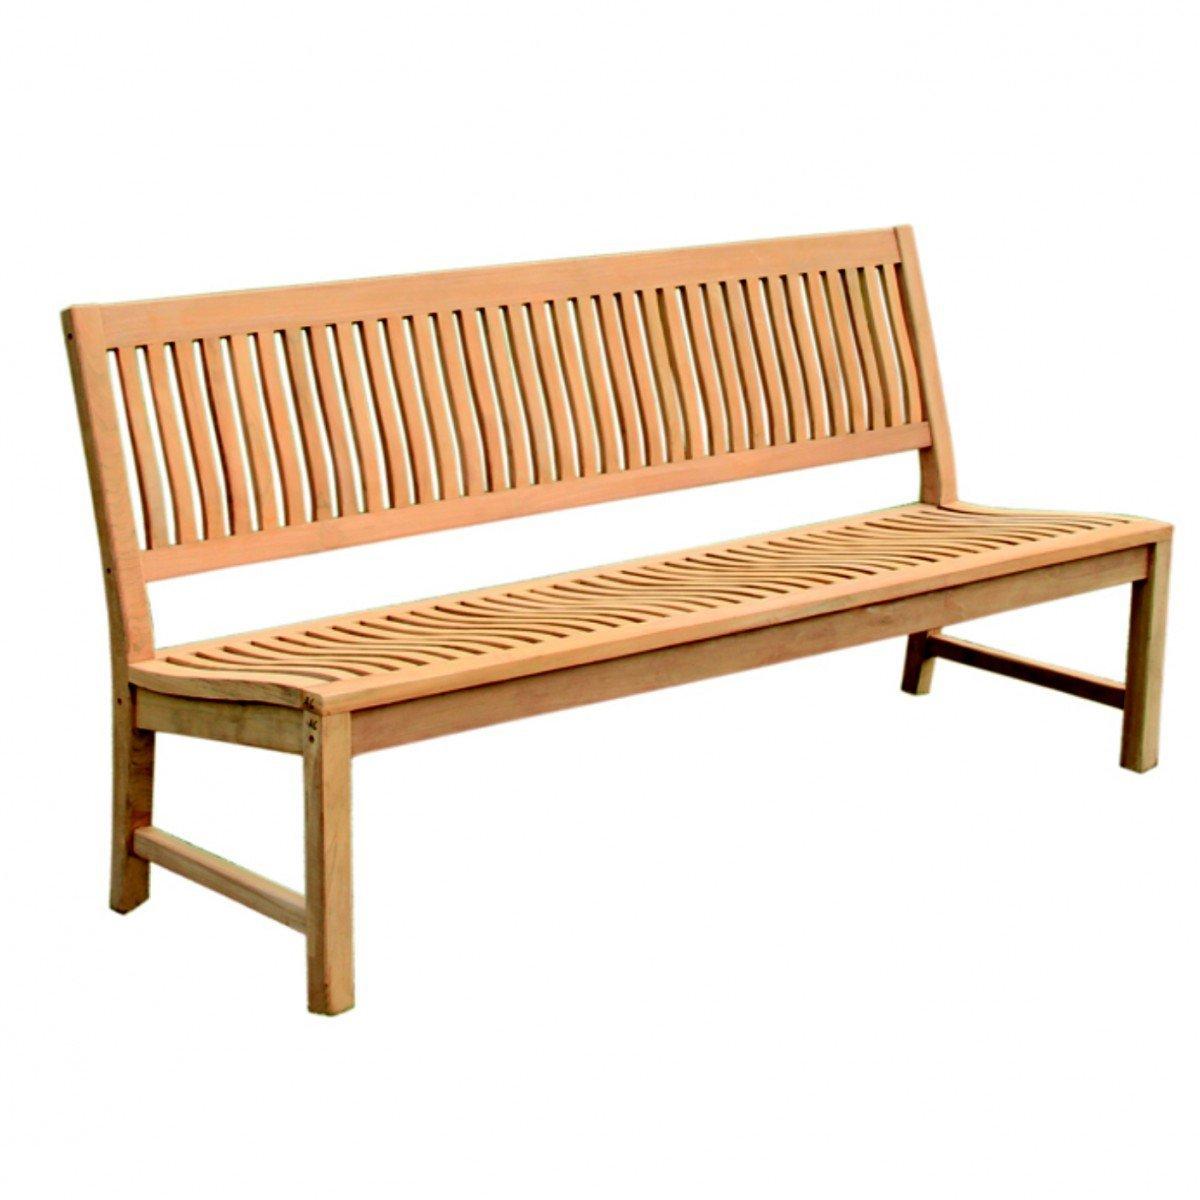 Gartenbank Teak Ohne Armlehne Holz Edelstahlschrauben